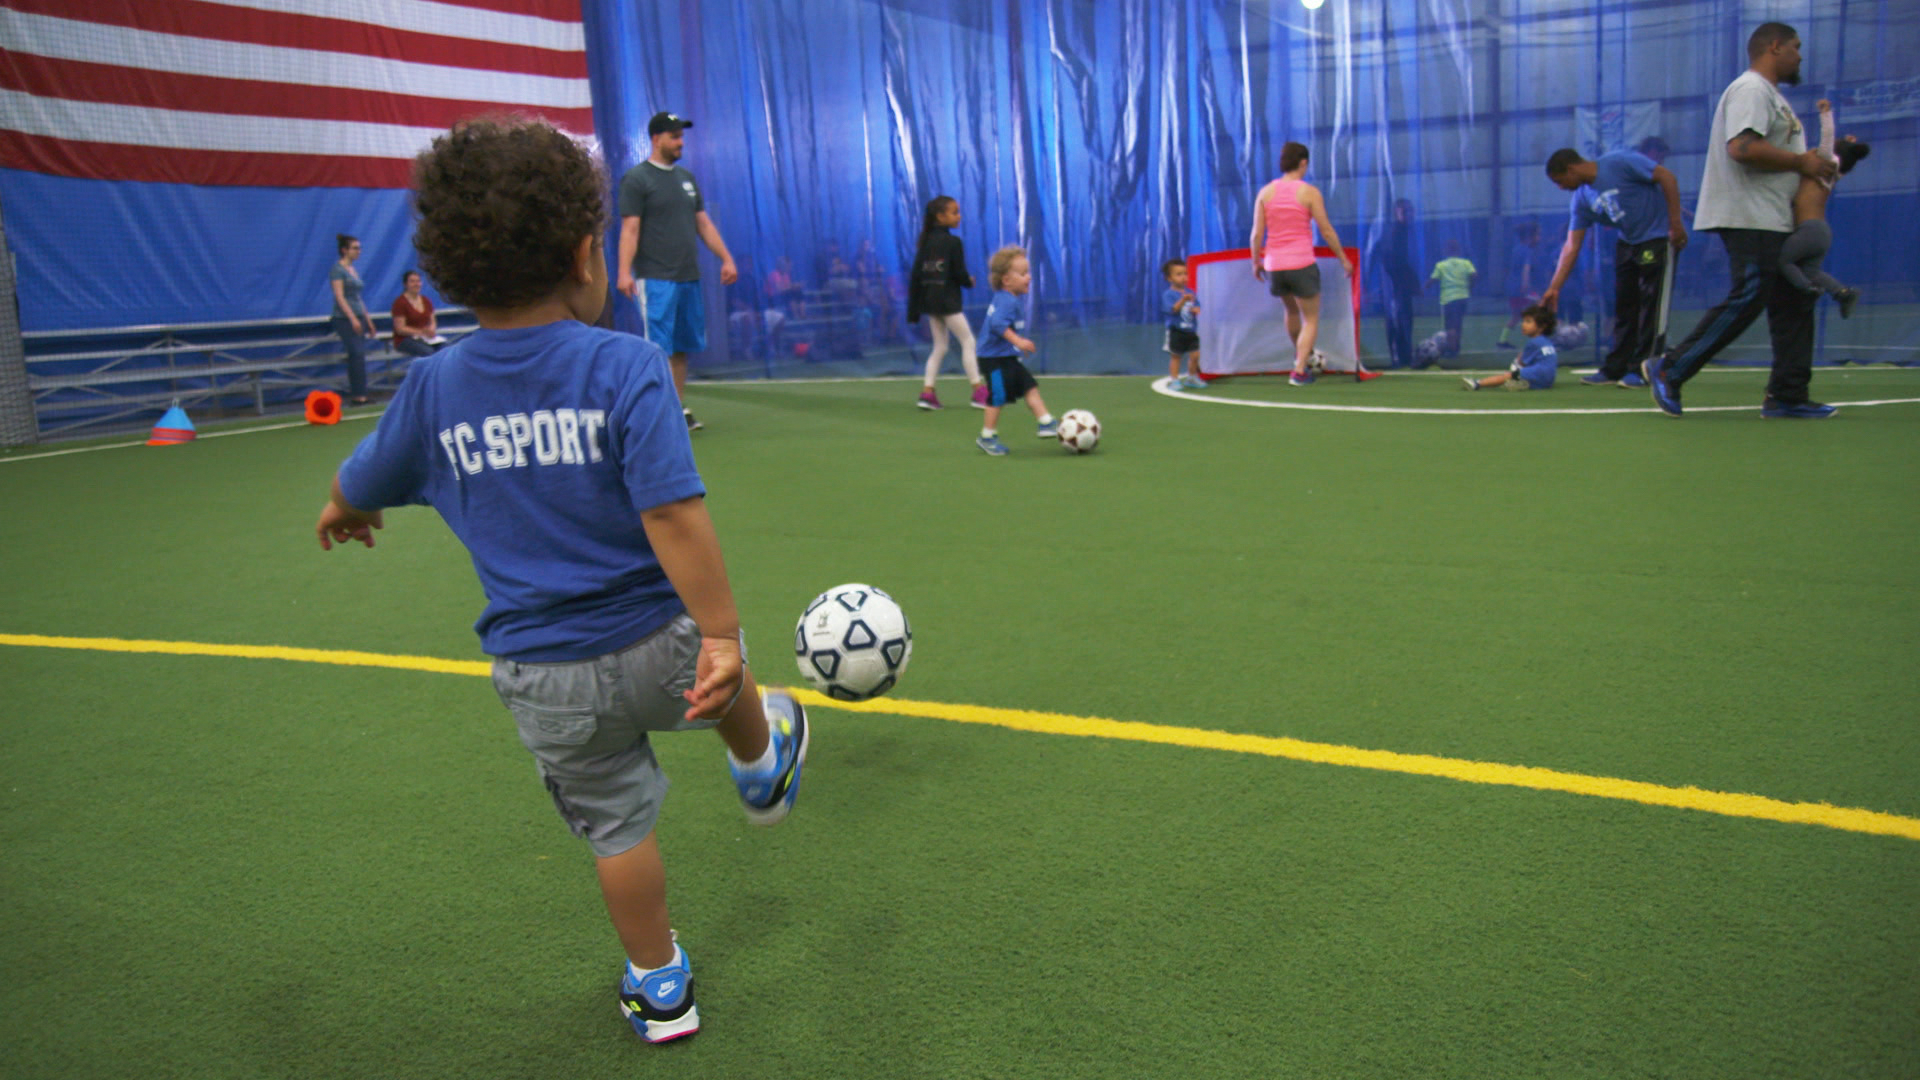 Little boy kicking ball (2).jpg